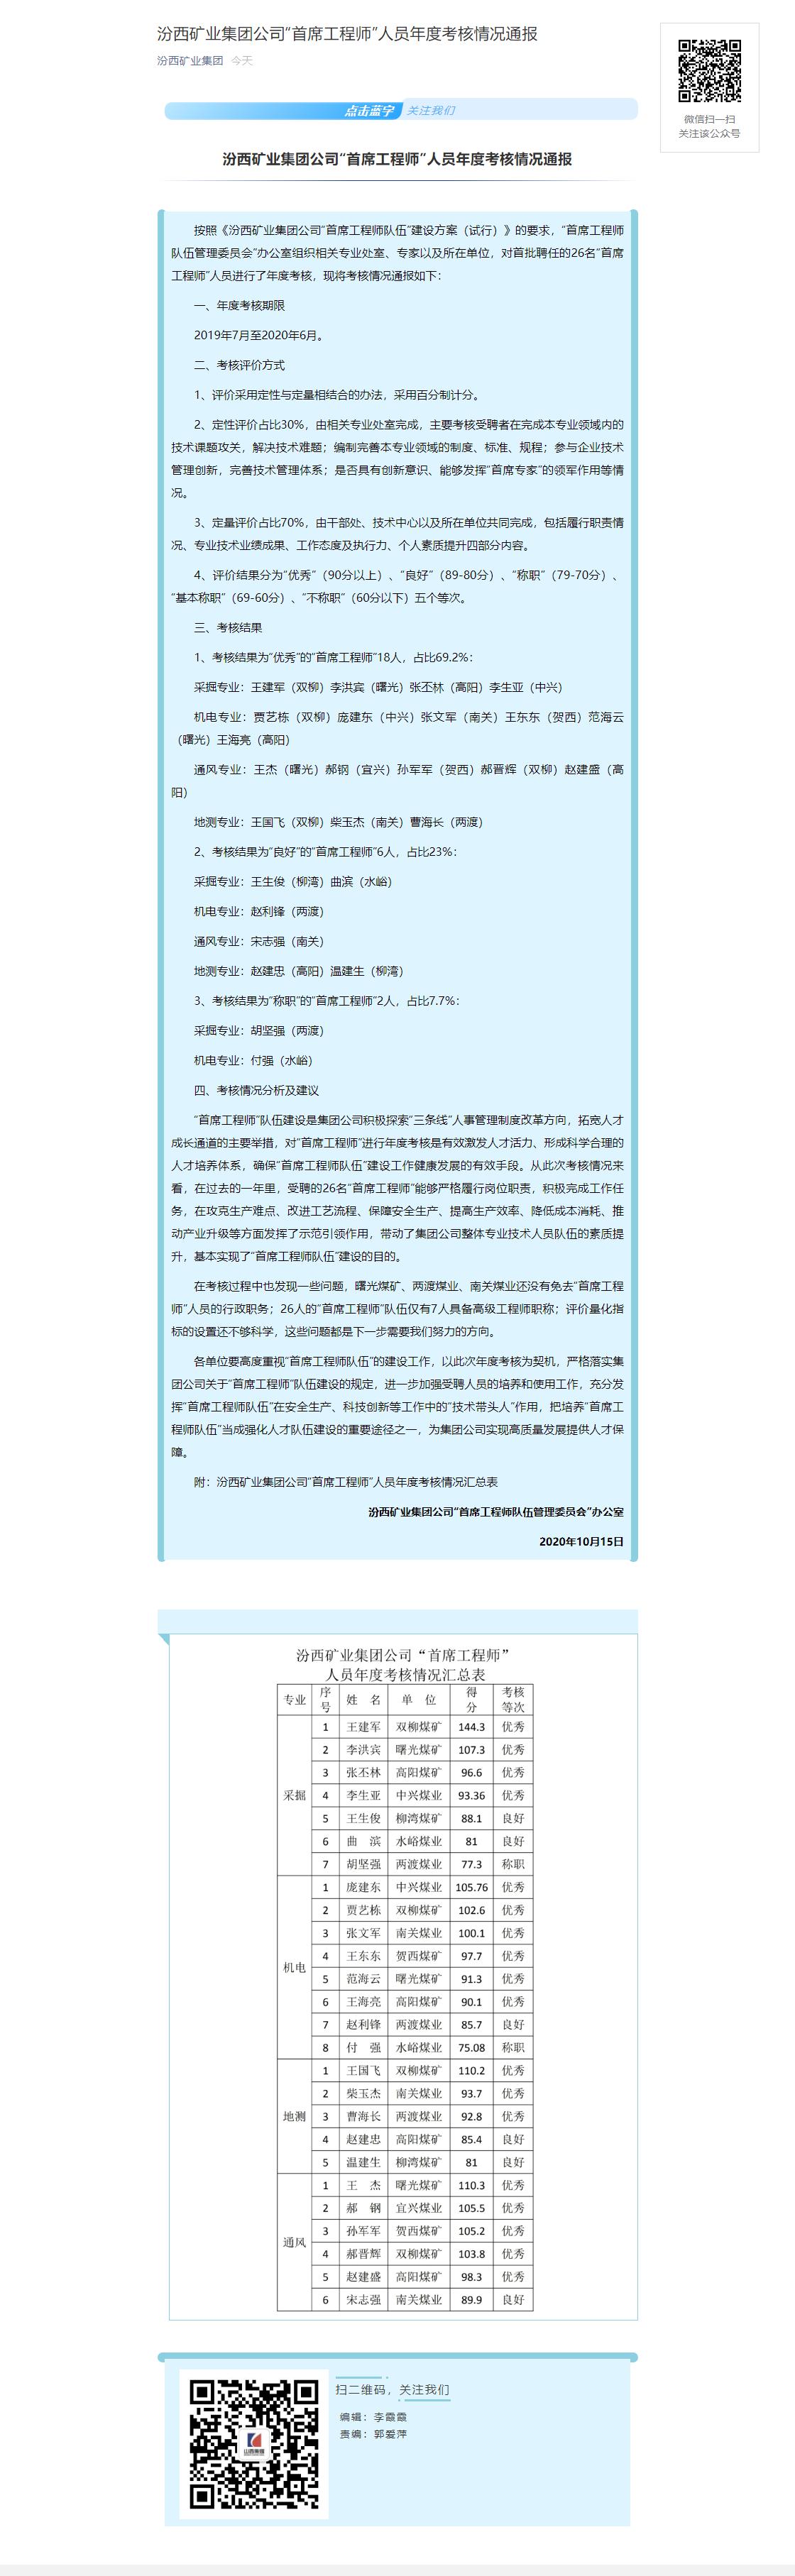 """汾西矿业集团公司""""首席工程师""""人员年度考核情况通报.png"""